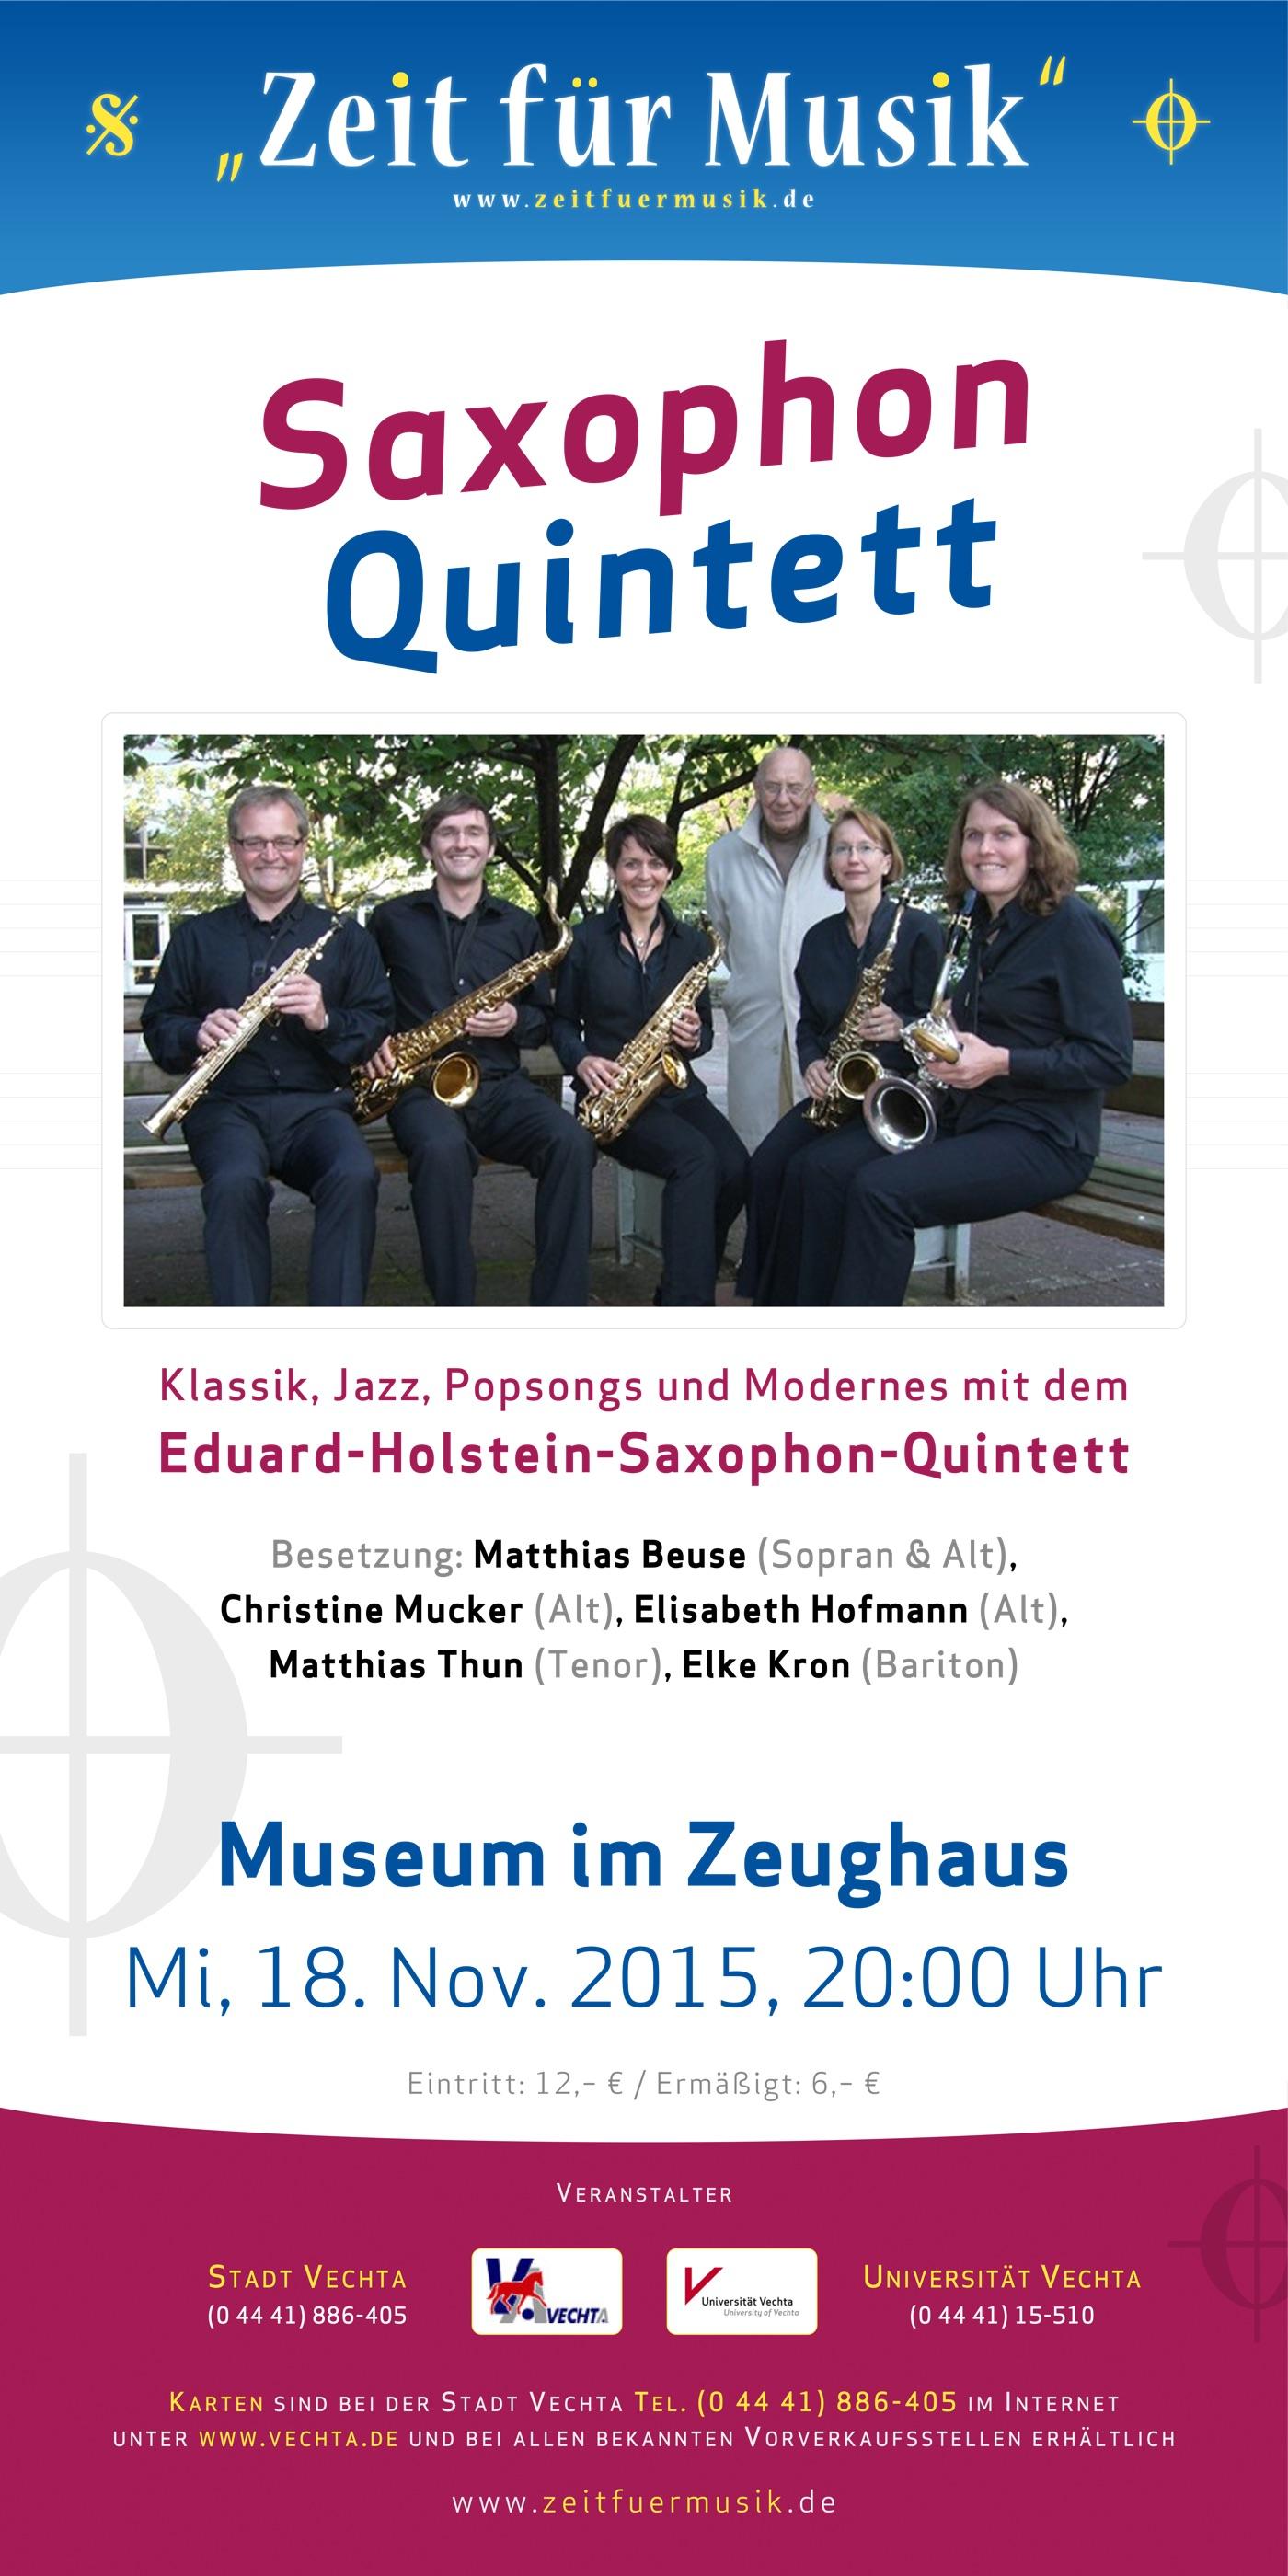 Saxophon-Quintett · Zeit für Musik